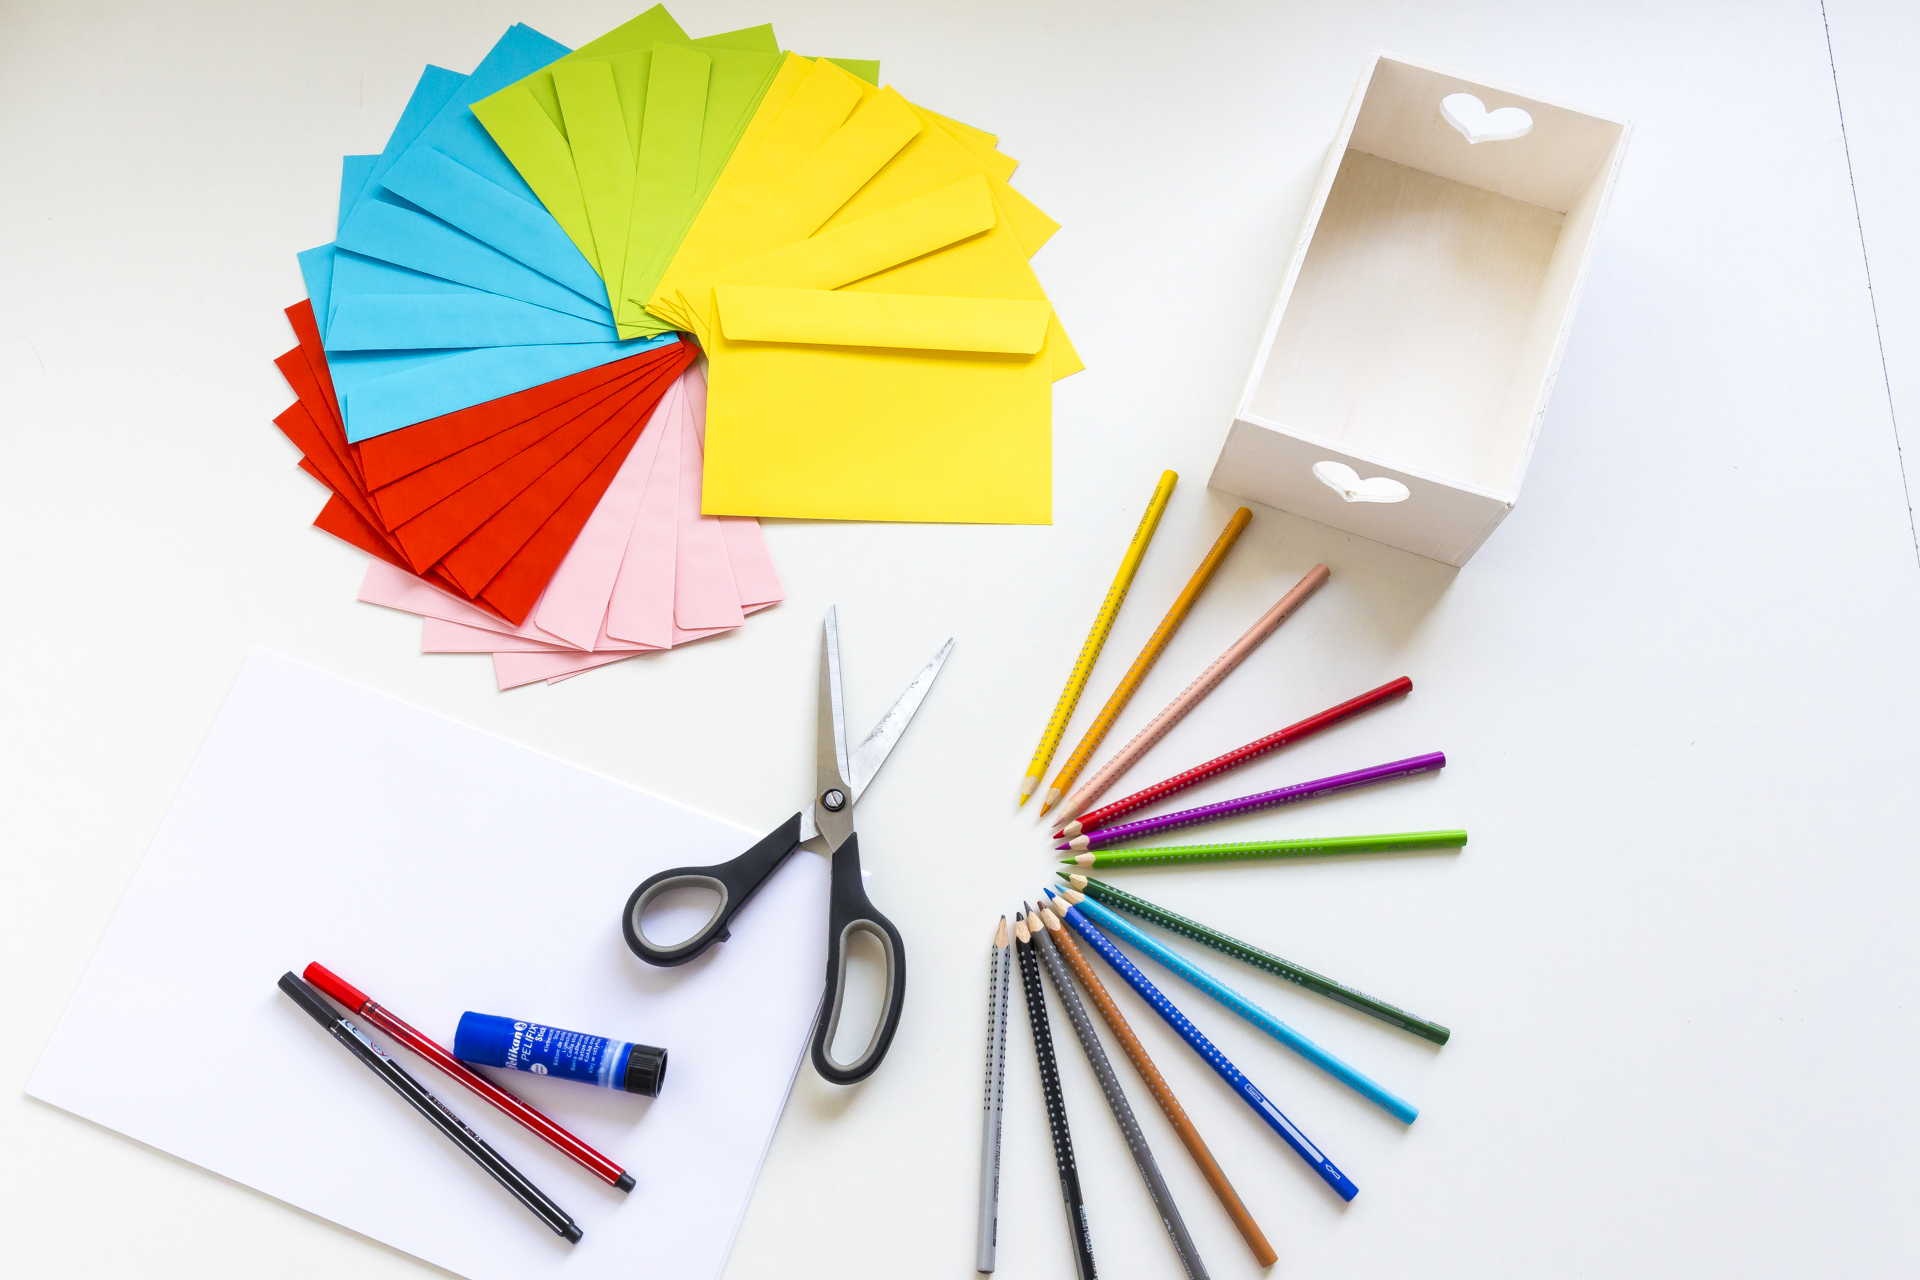 öffne Wenn Briefe Beispiele : Öffnen wenn briefe das perfekte geschenk zum valentinstag